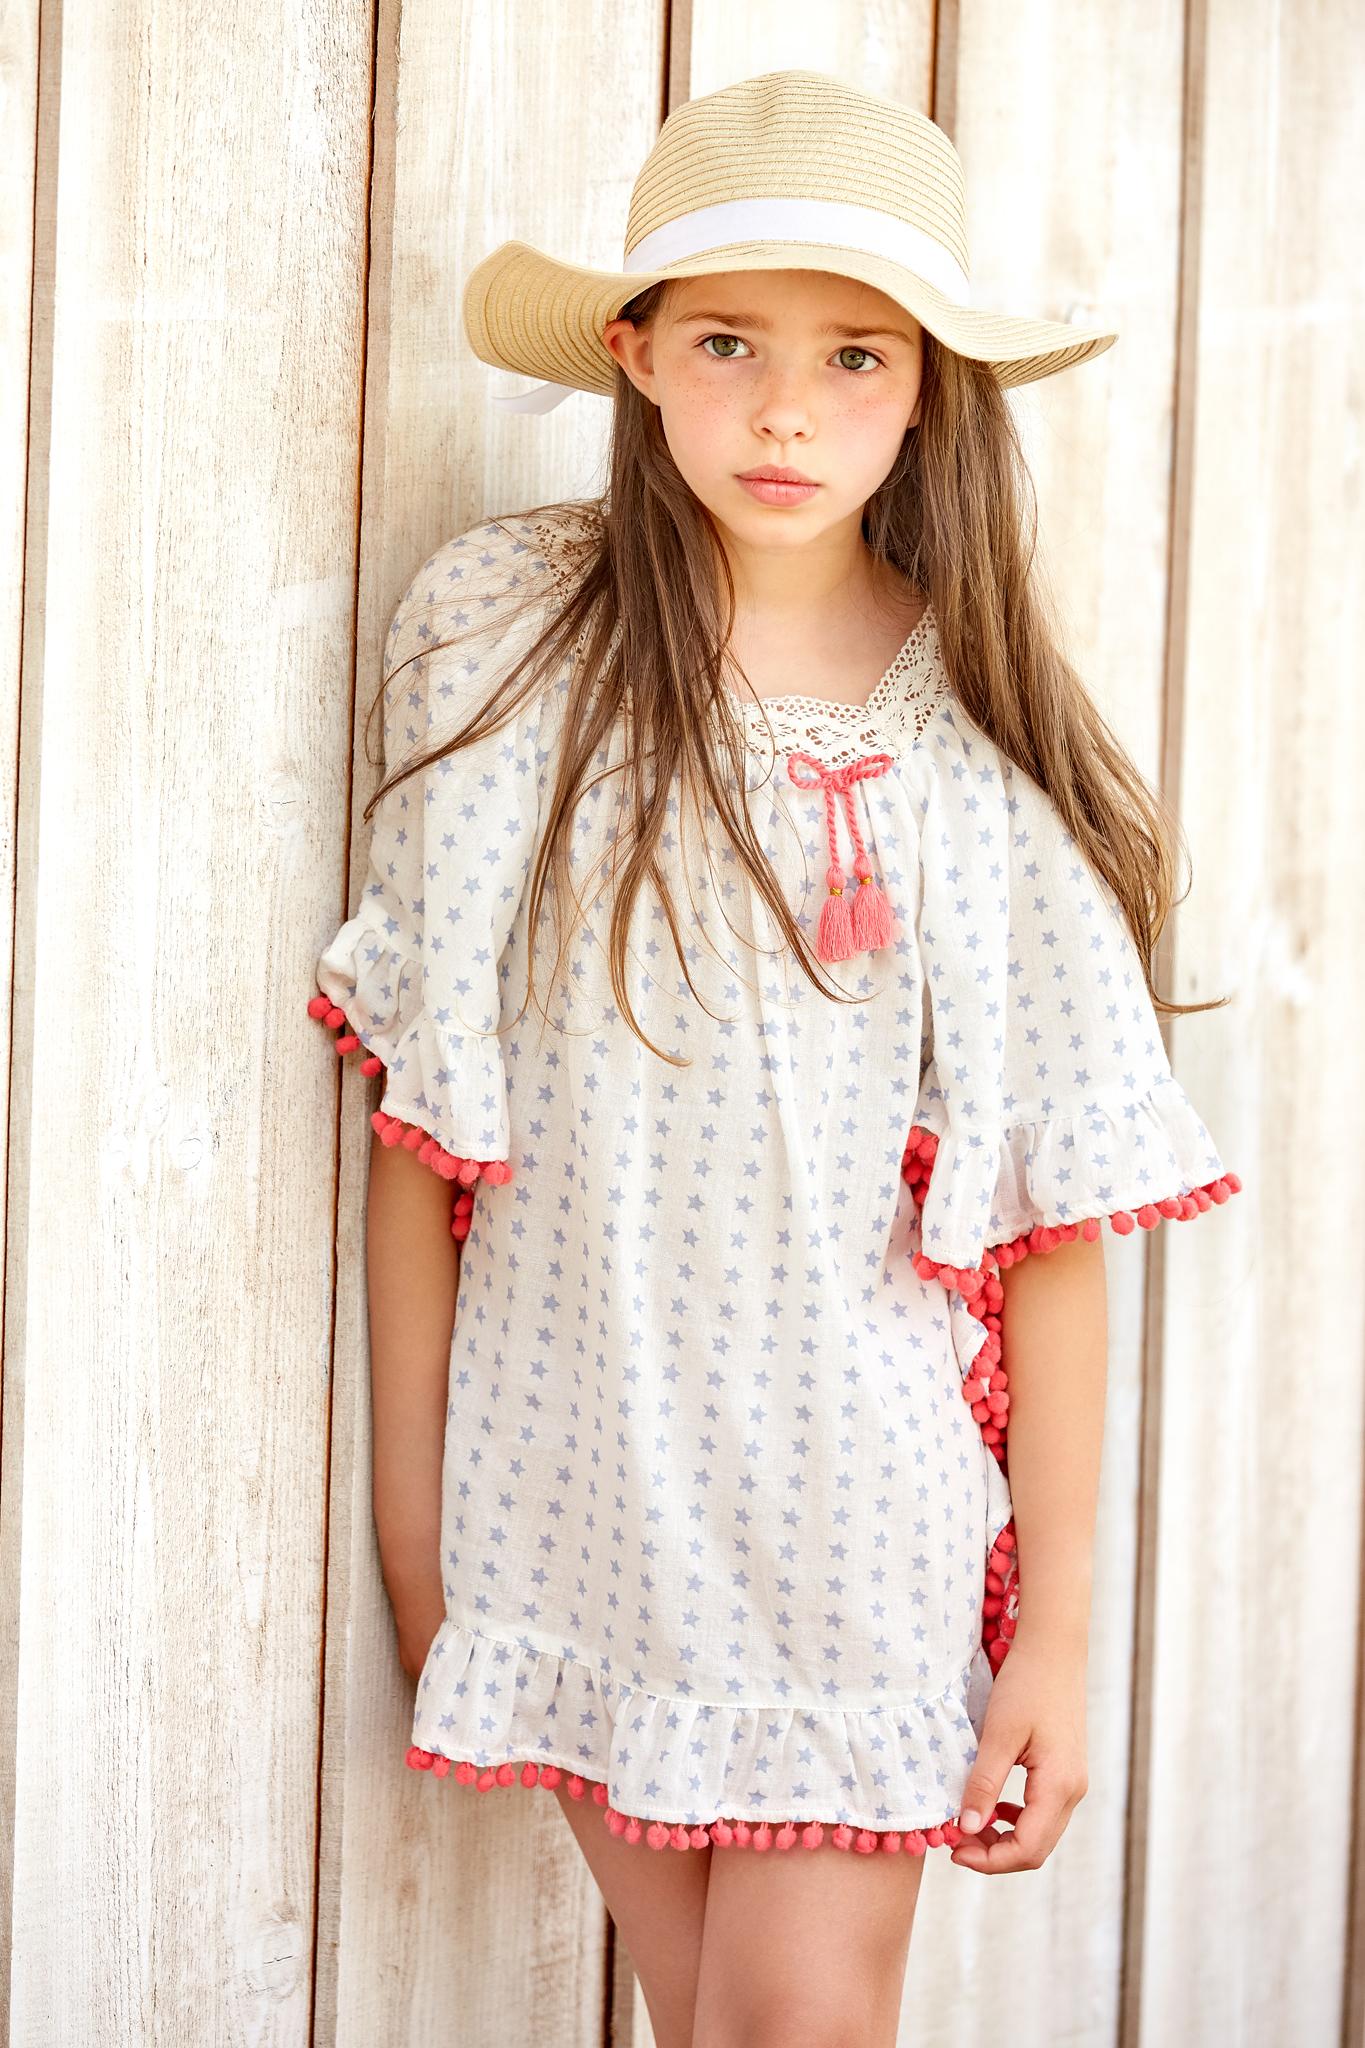 Lanidor Kids Summer18 Spiritus Digital Work Isabel Pinto